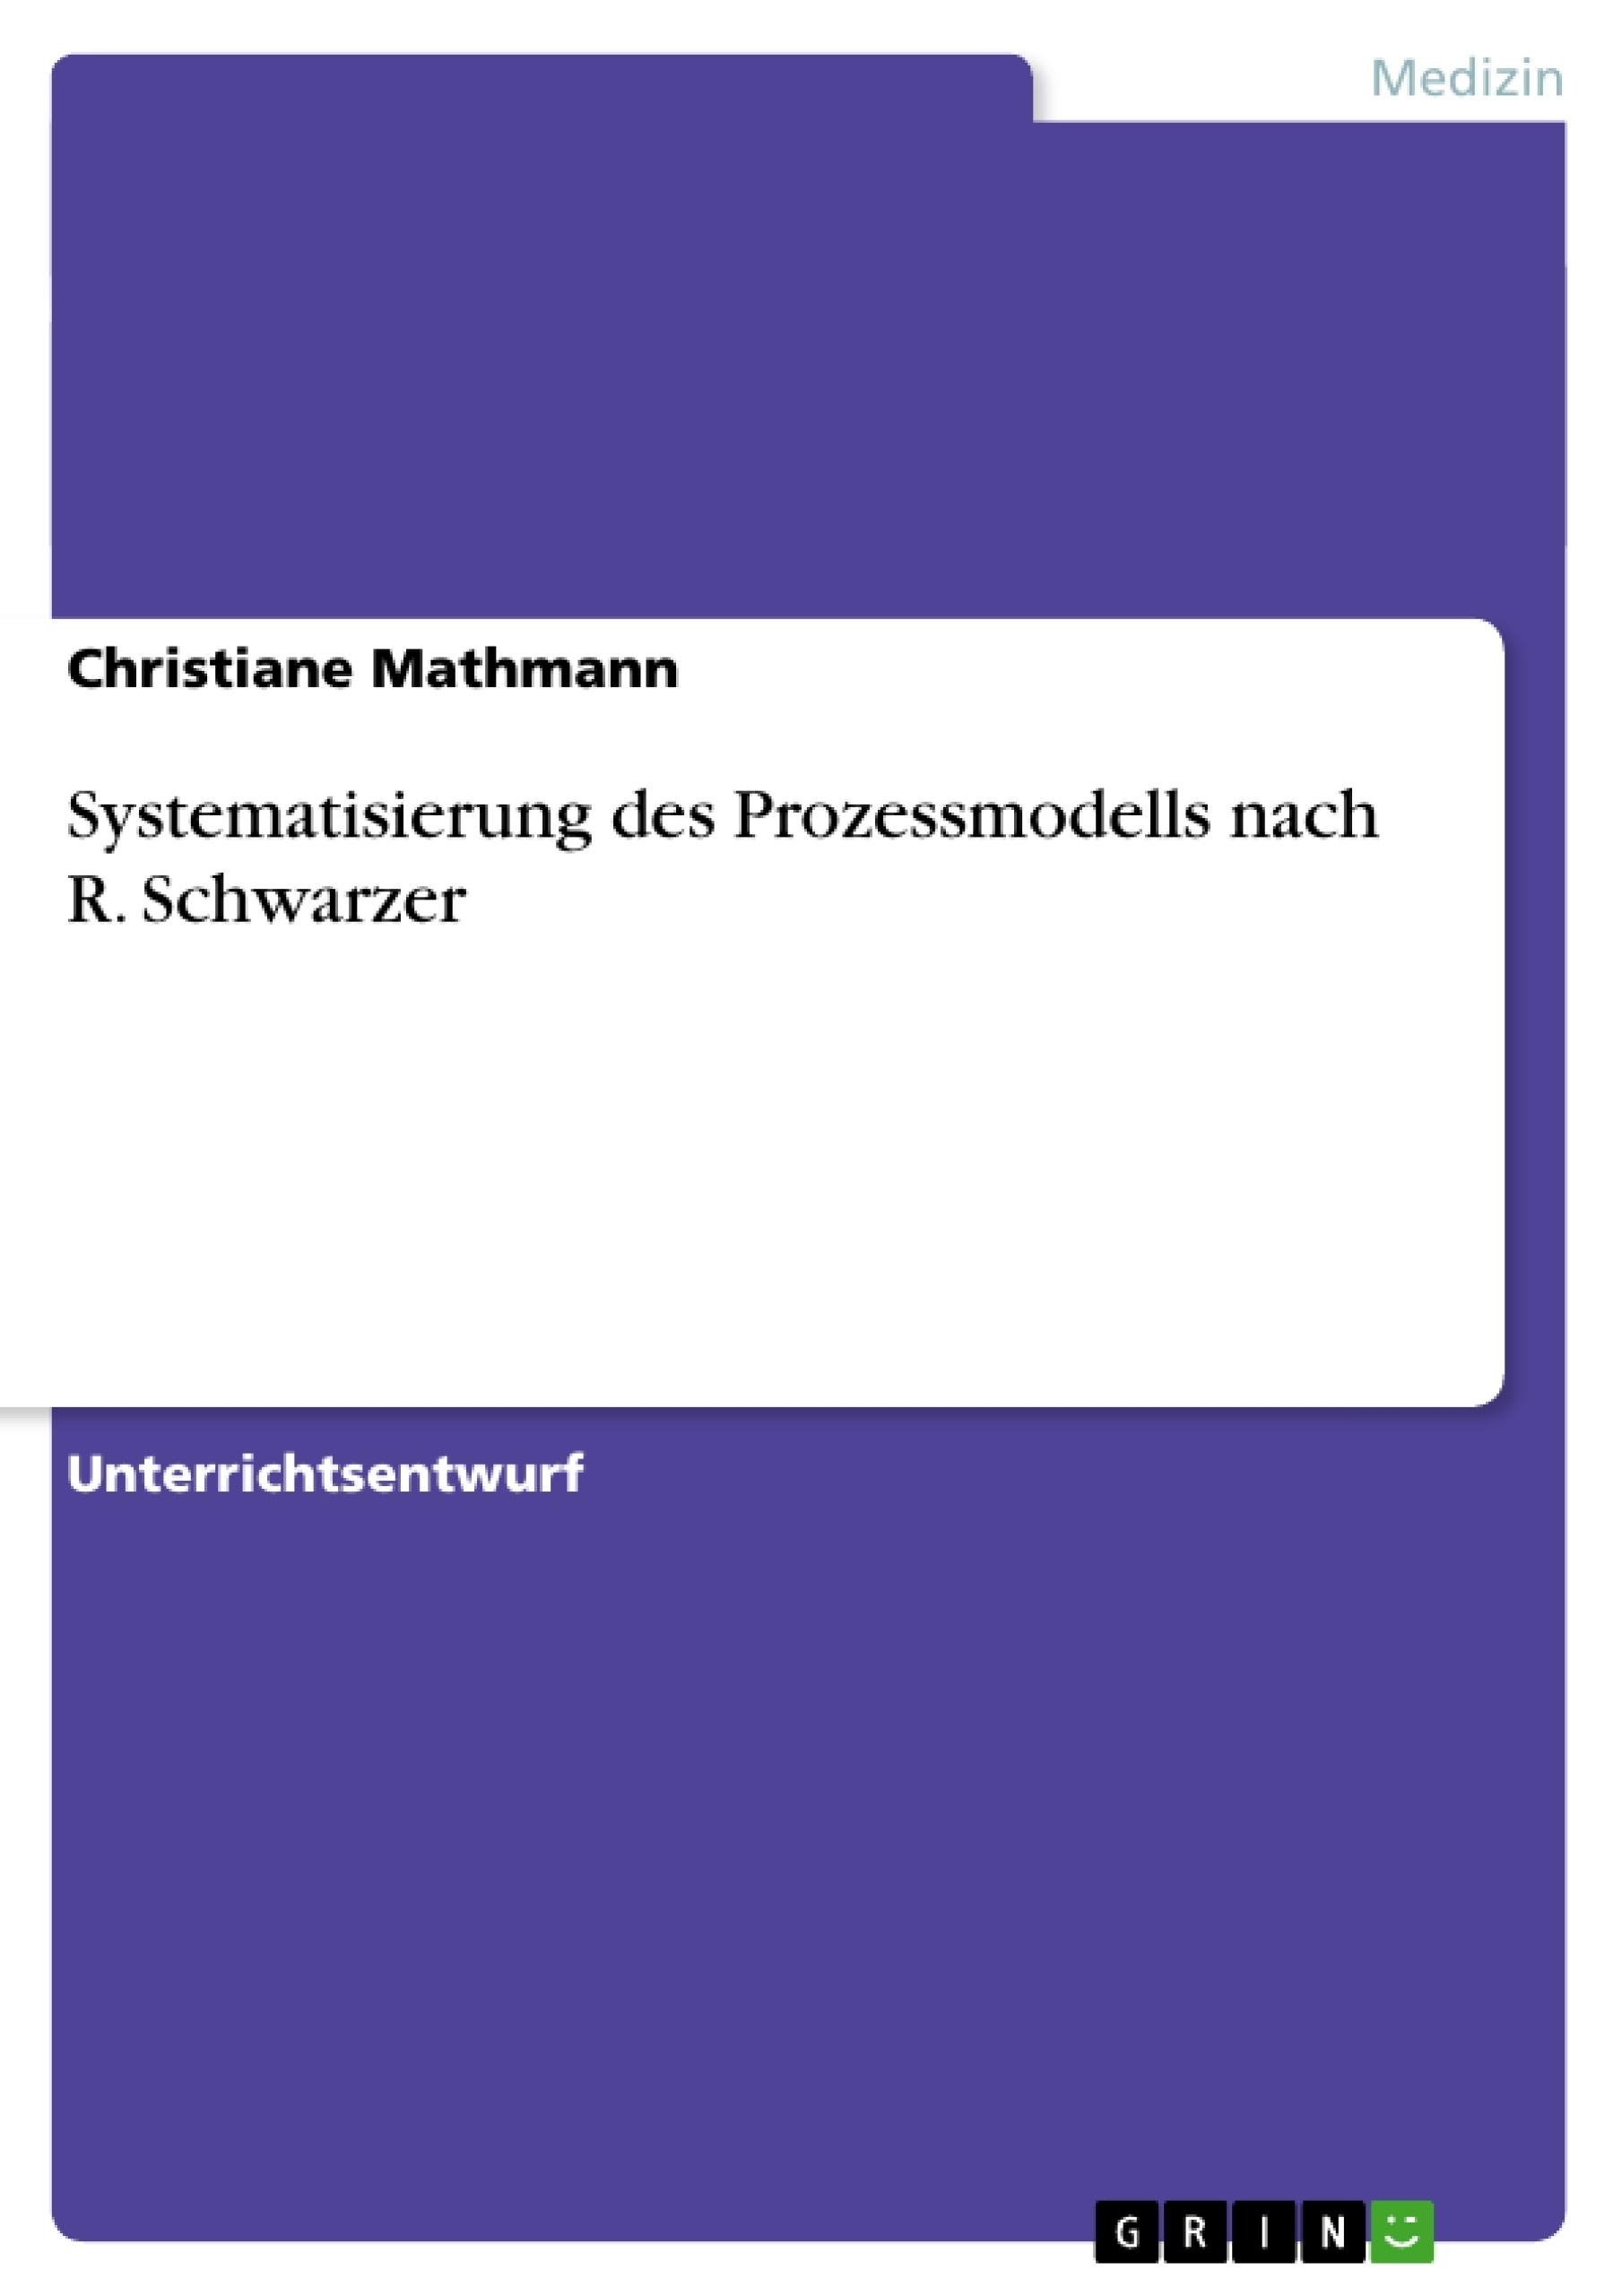 Titel: Systematisierung des Prozessmodells nach R. Schwarzer